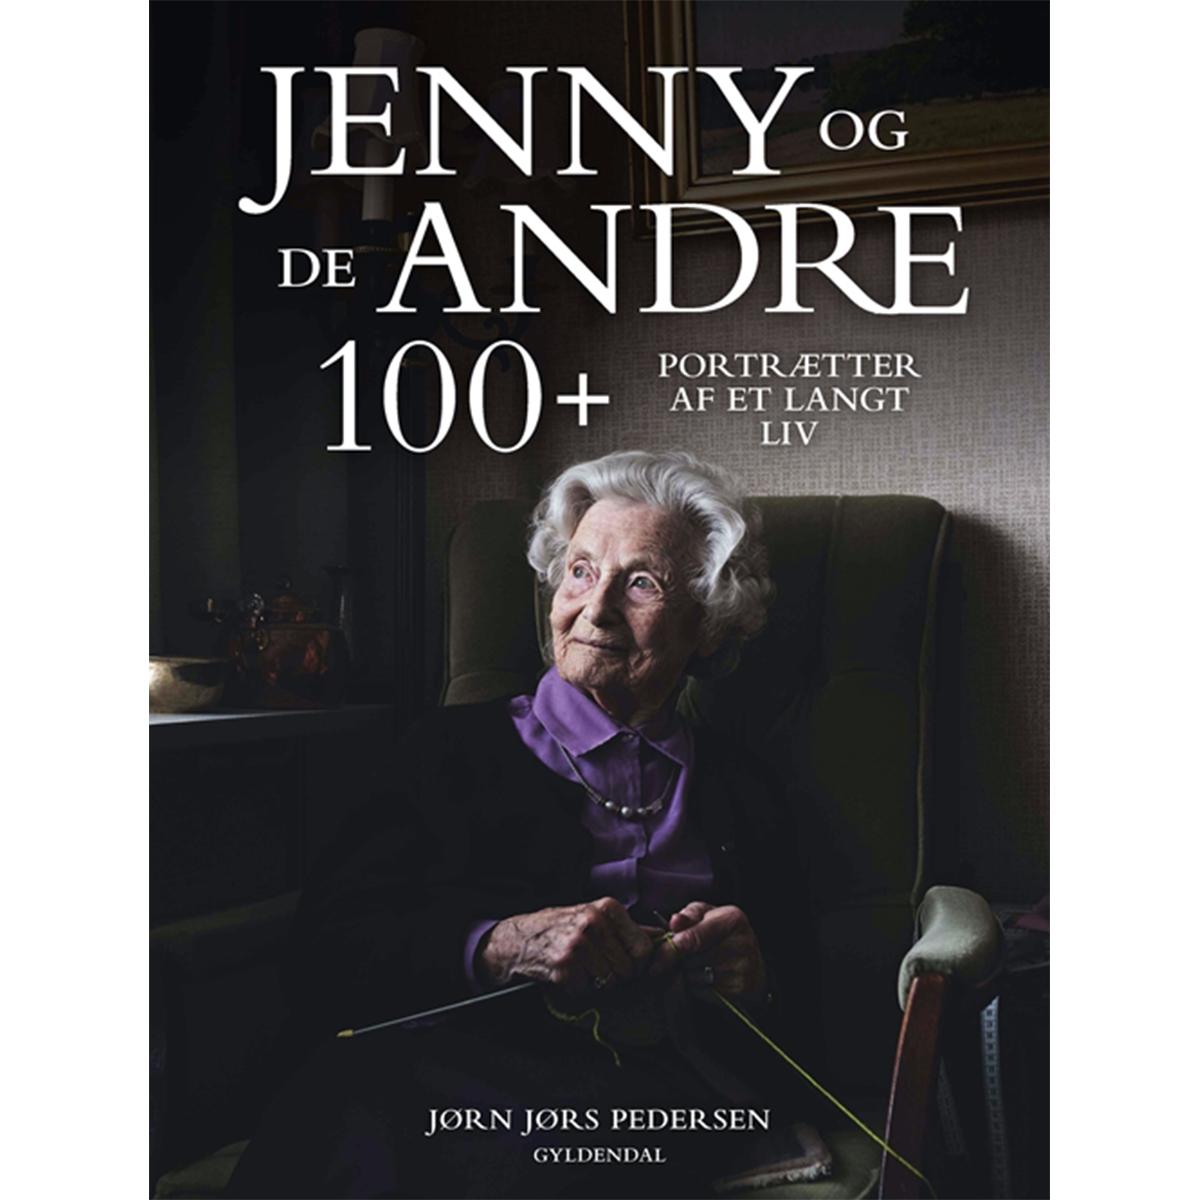 Jenny og de andre 100 plus - portrætter af et langt liv - Indbundet